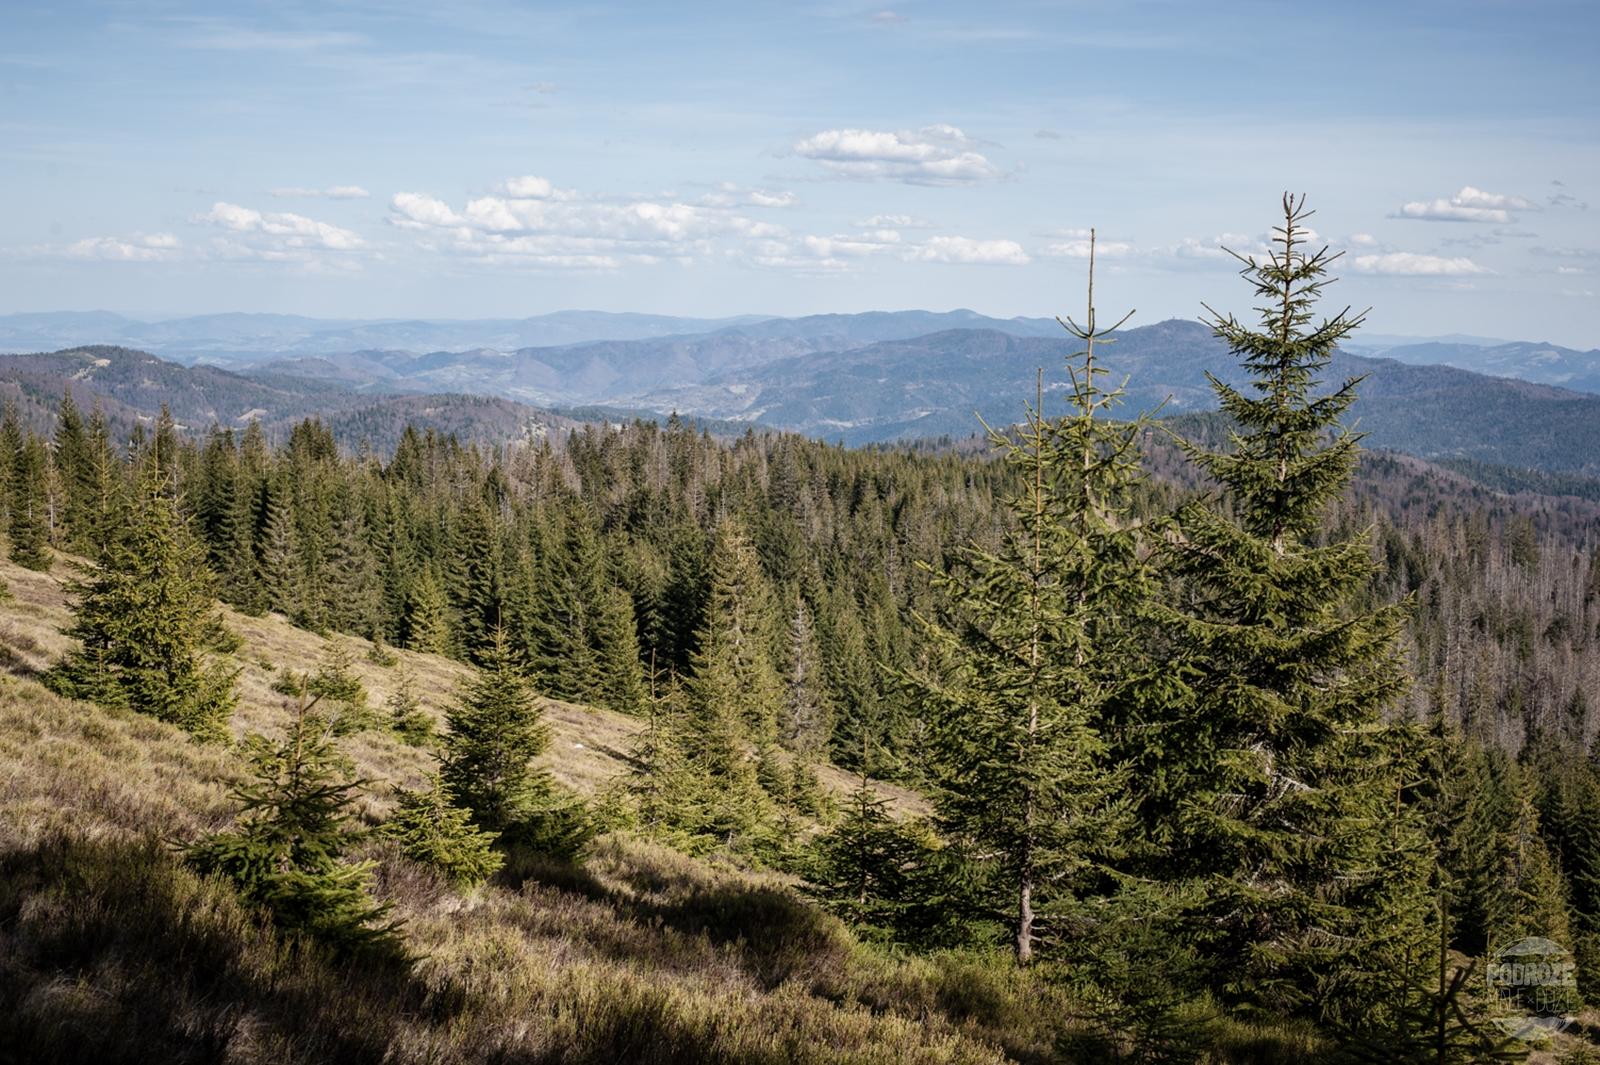 Szlak czerwony i czarny na Turbacz. Góry Gorce. Trekking